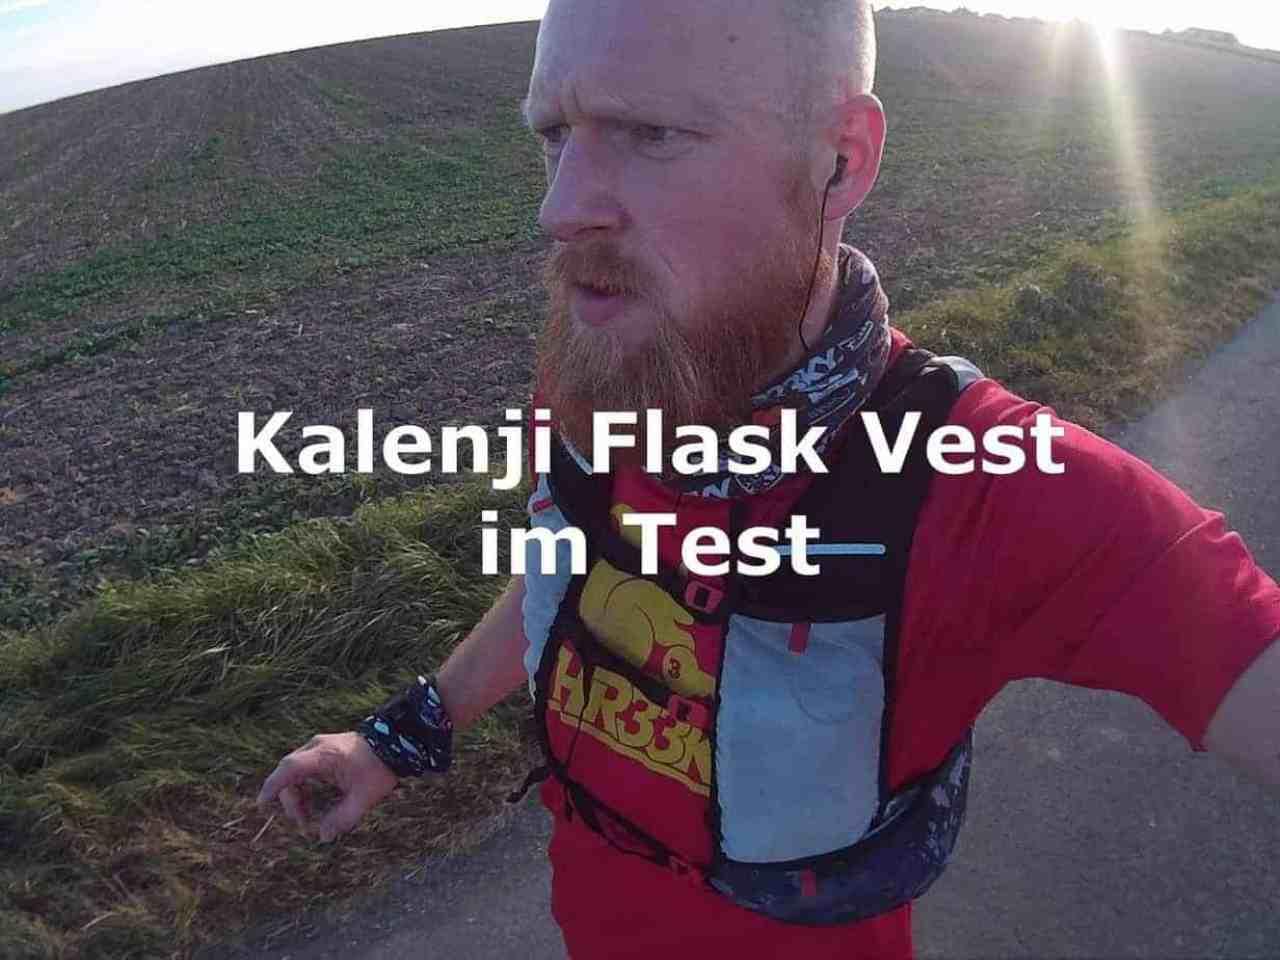 Kalenji-flaskVest_banner